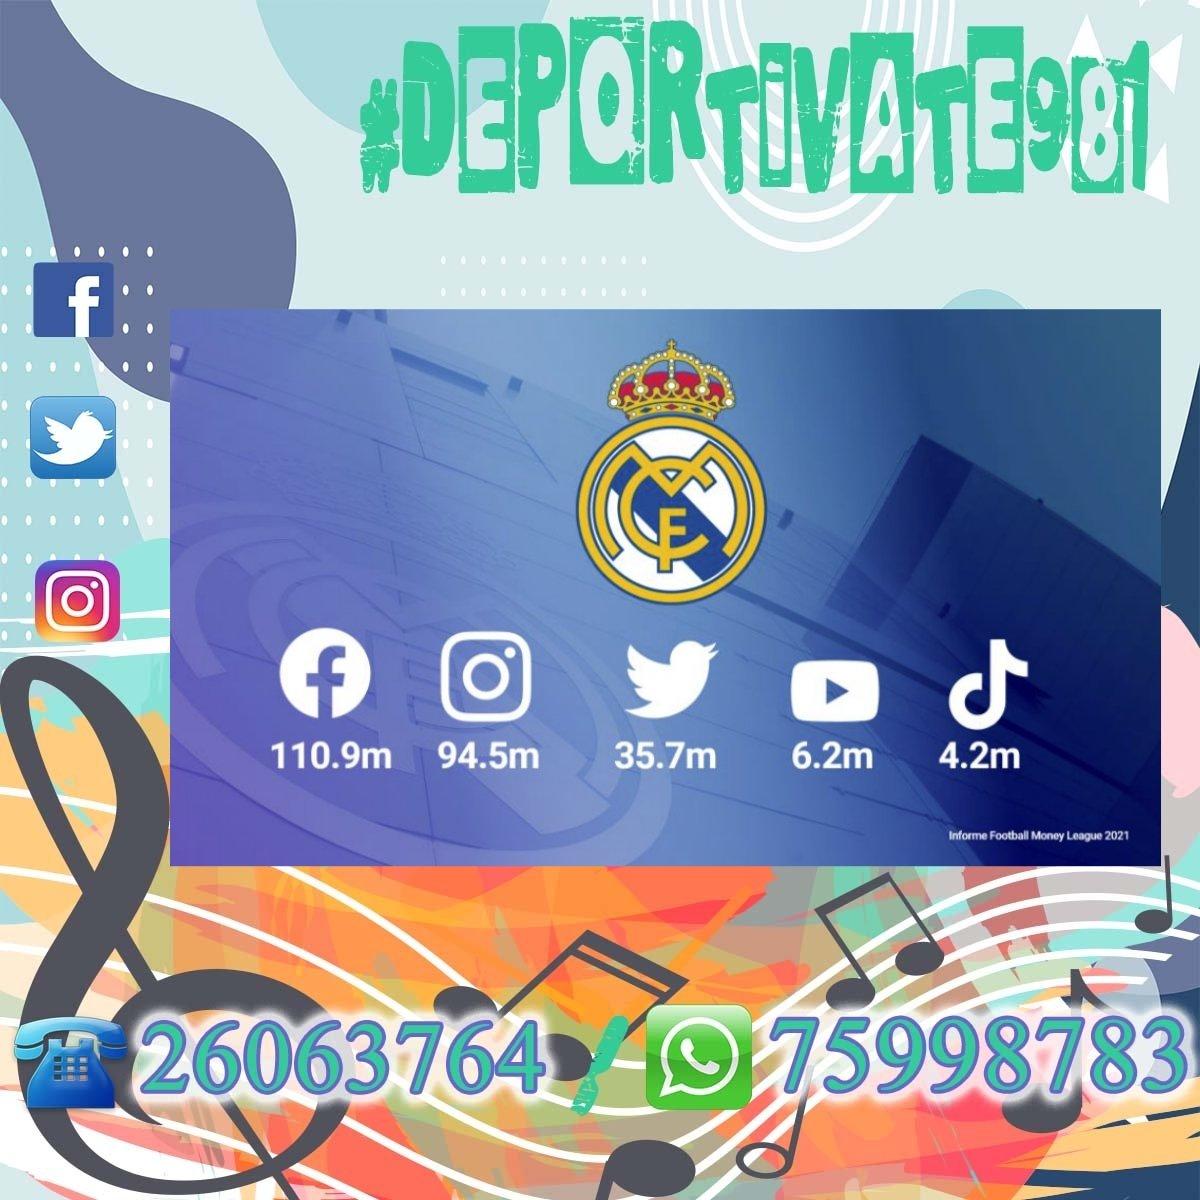 """#Deportivate981 ⚽ El @realmadrid destacó ser el club con más seguidores en redes sociales: """"¡Somos el club de fútbol con más seguidores en las redes sociales!""""  🤝 GRACIAS #RMFans 👏 #RealFootball   #RealMadrid"""